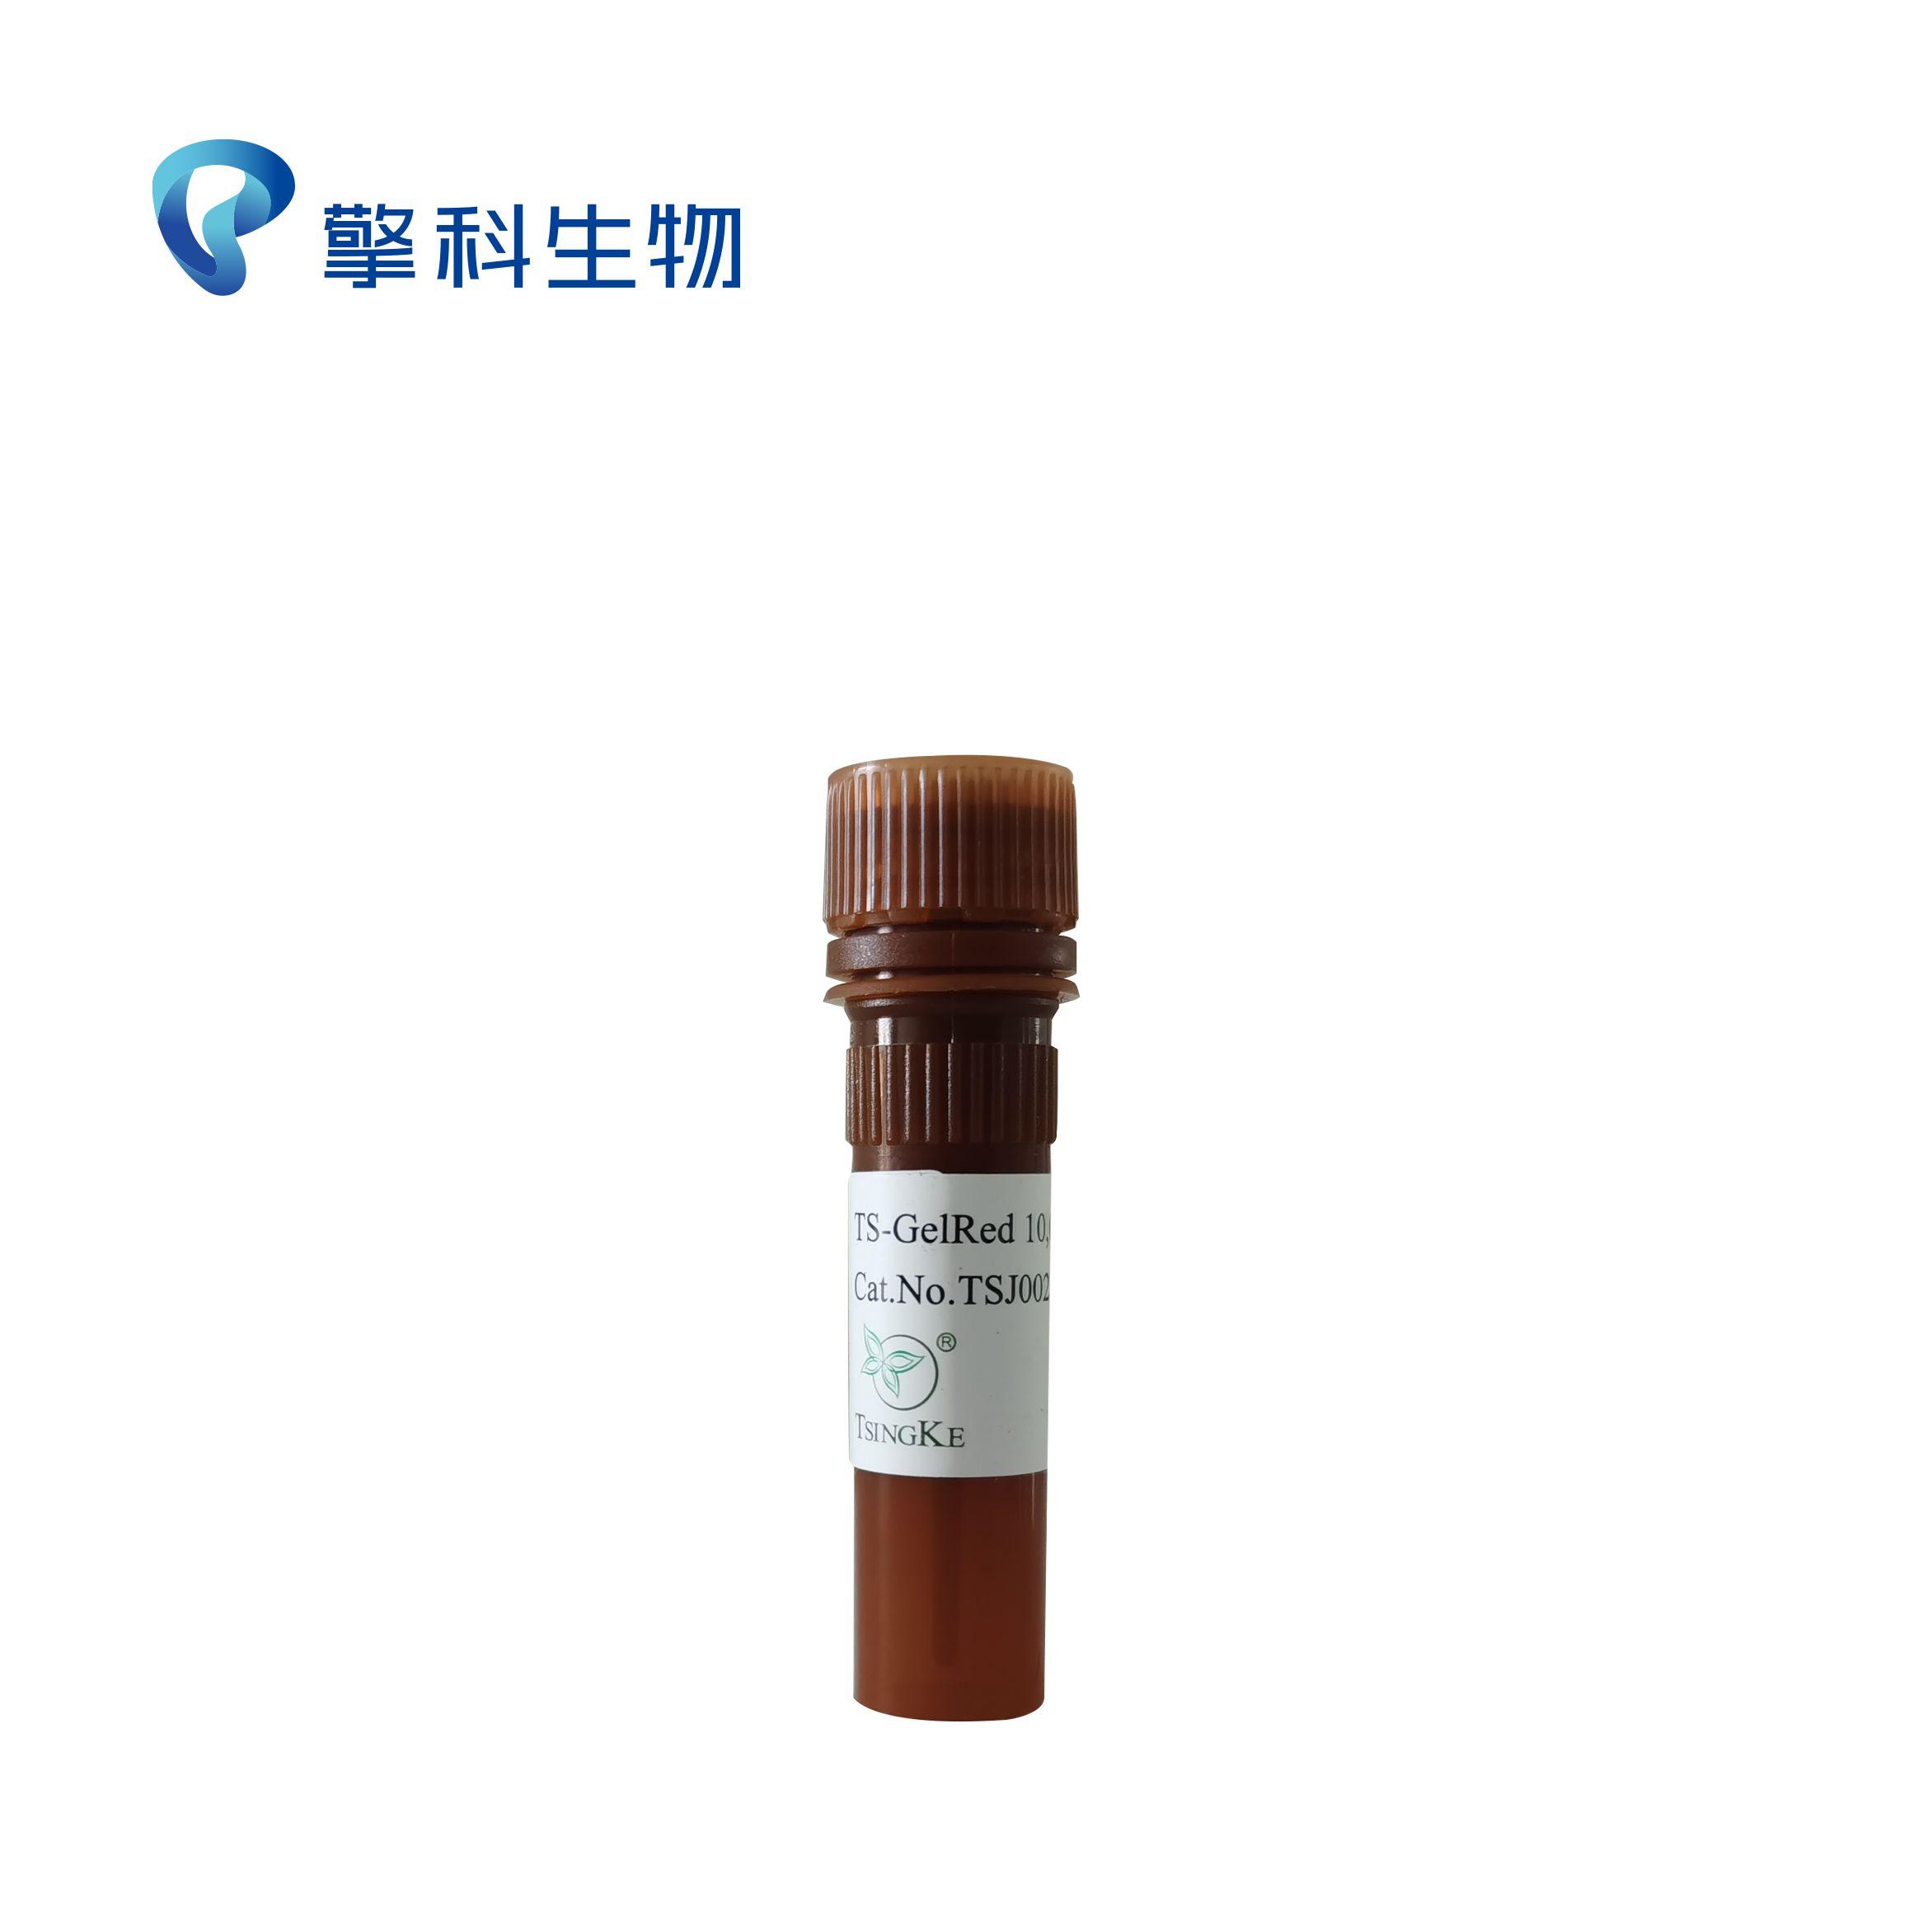 TS-GelRed 核酸凝胶染料 Ver.2(10,000×水溶液)/安全无毒,高灵敏核酸染料/核酸电泳系列试剂/擎科生物TSINGKE